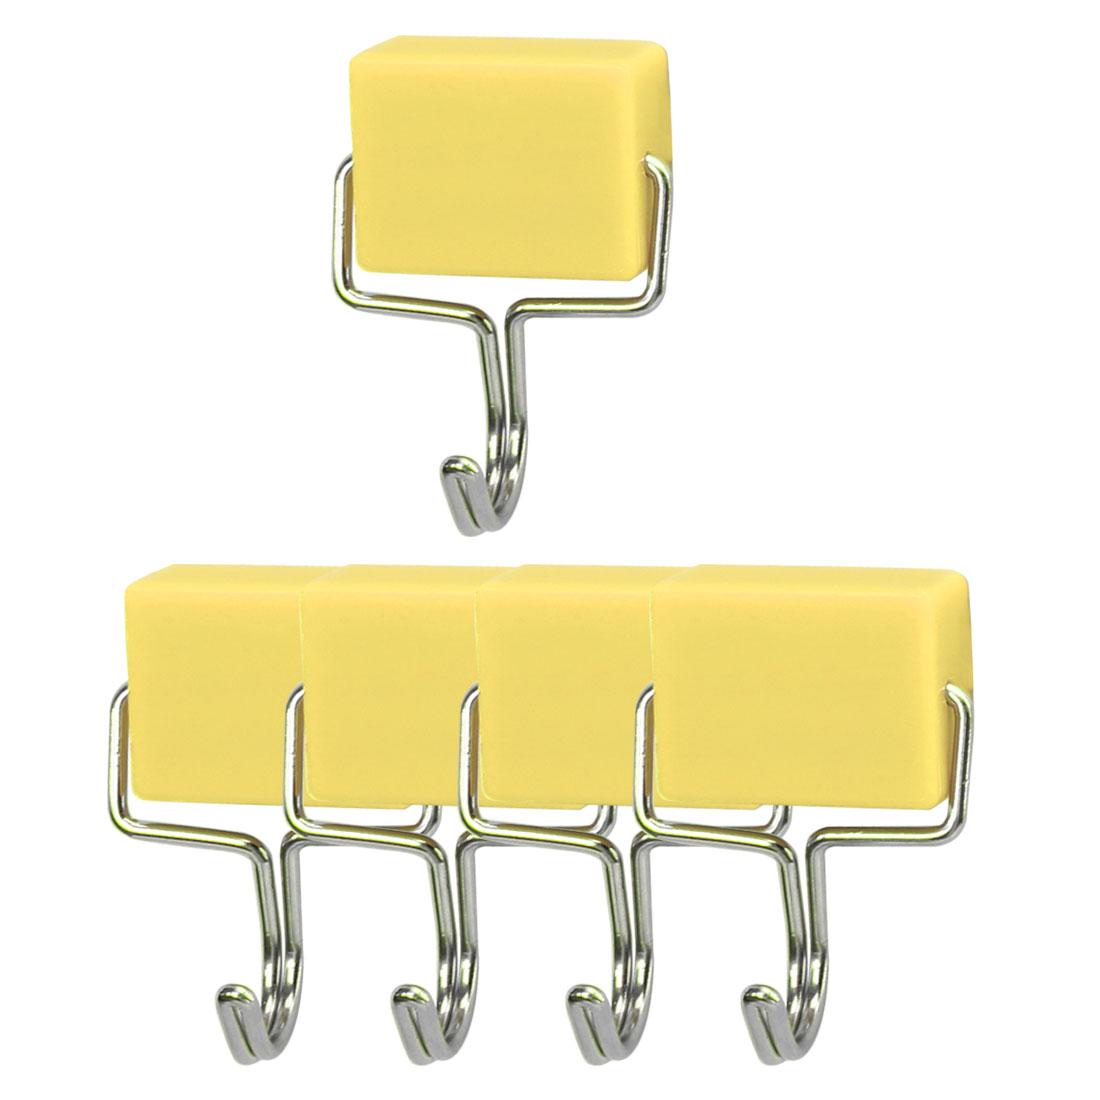 5pcs Magnetic Hook Stainless Steel Wall Hooks Hanger for Coat Hat Holder Yellow